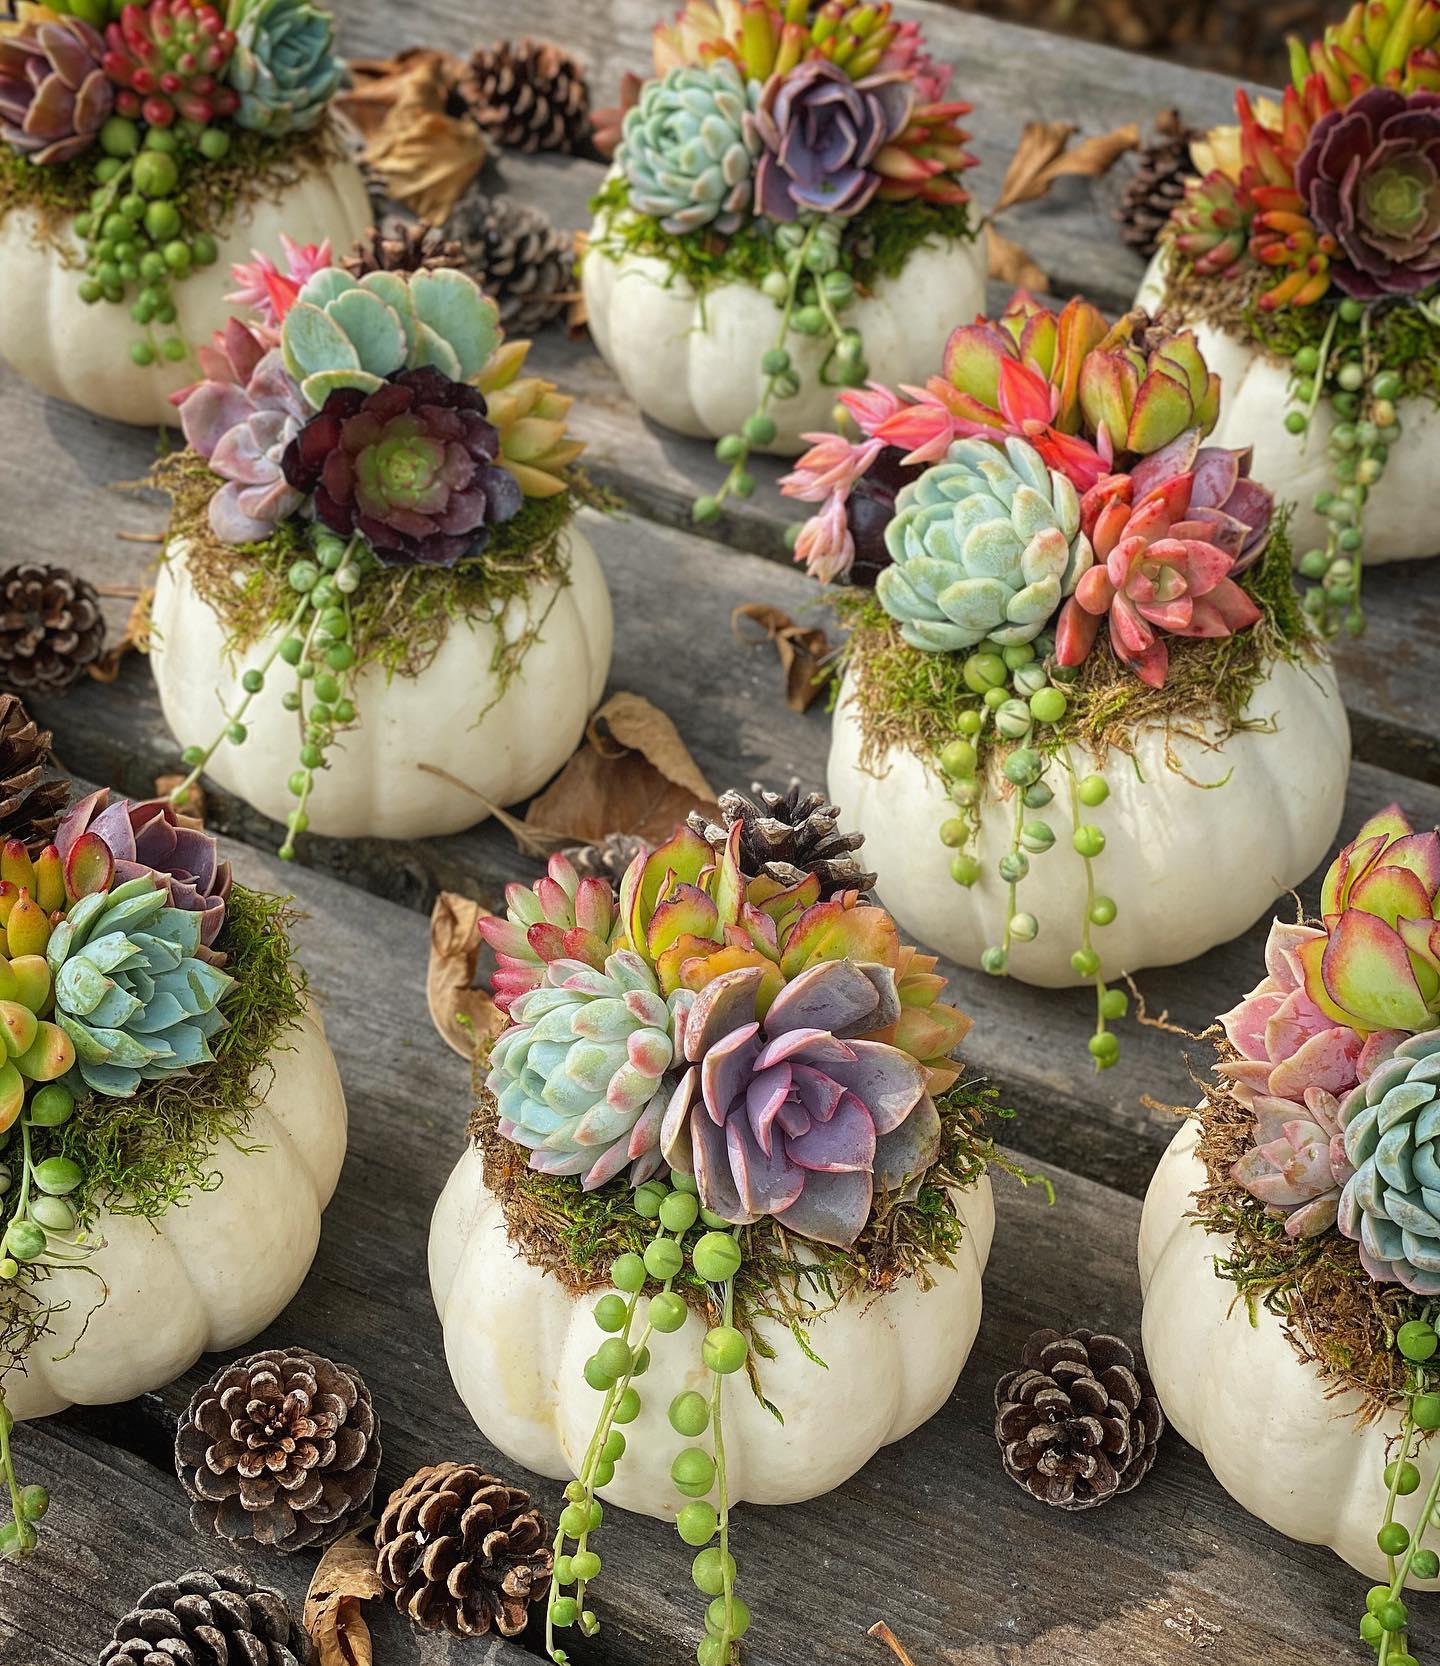 decoración con calabazas; 13 Ideas para que tus suculentas crezcan dentro de una calabaza 'mágica'